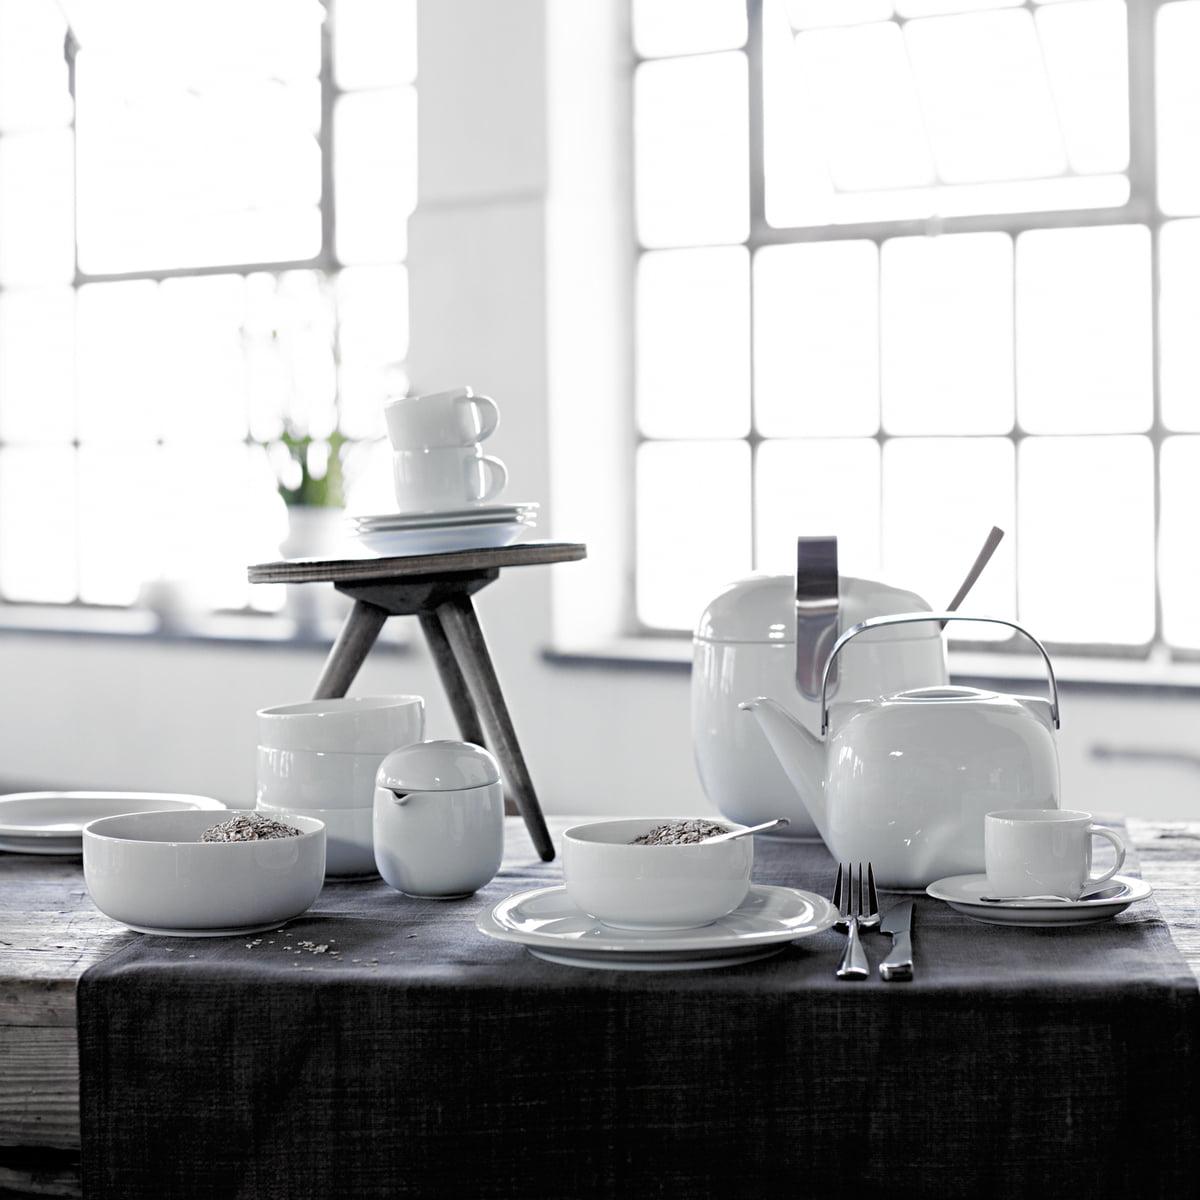 Service de table suomi de rosenthal dans l 39 e boutique design - Service de table design ...